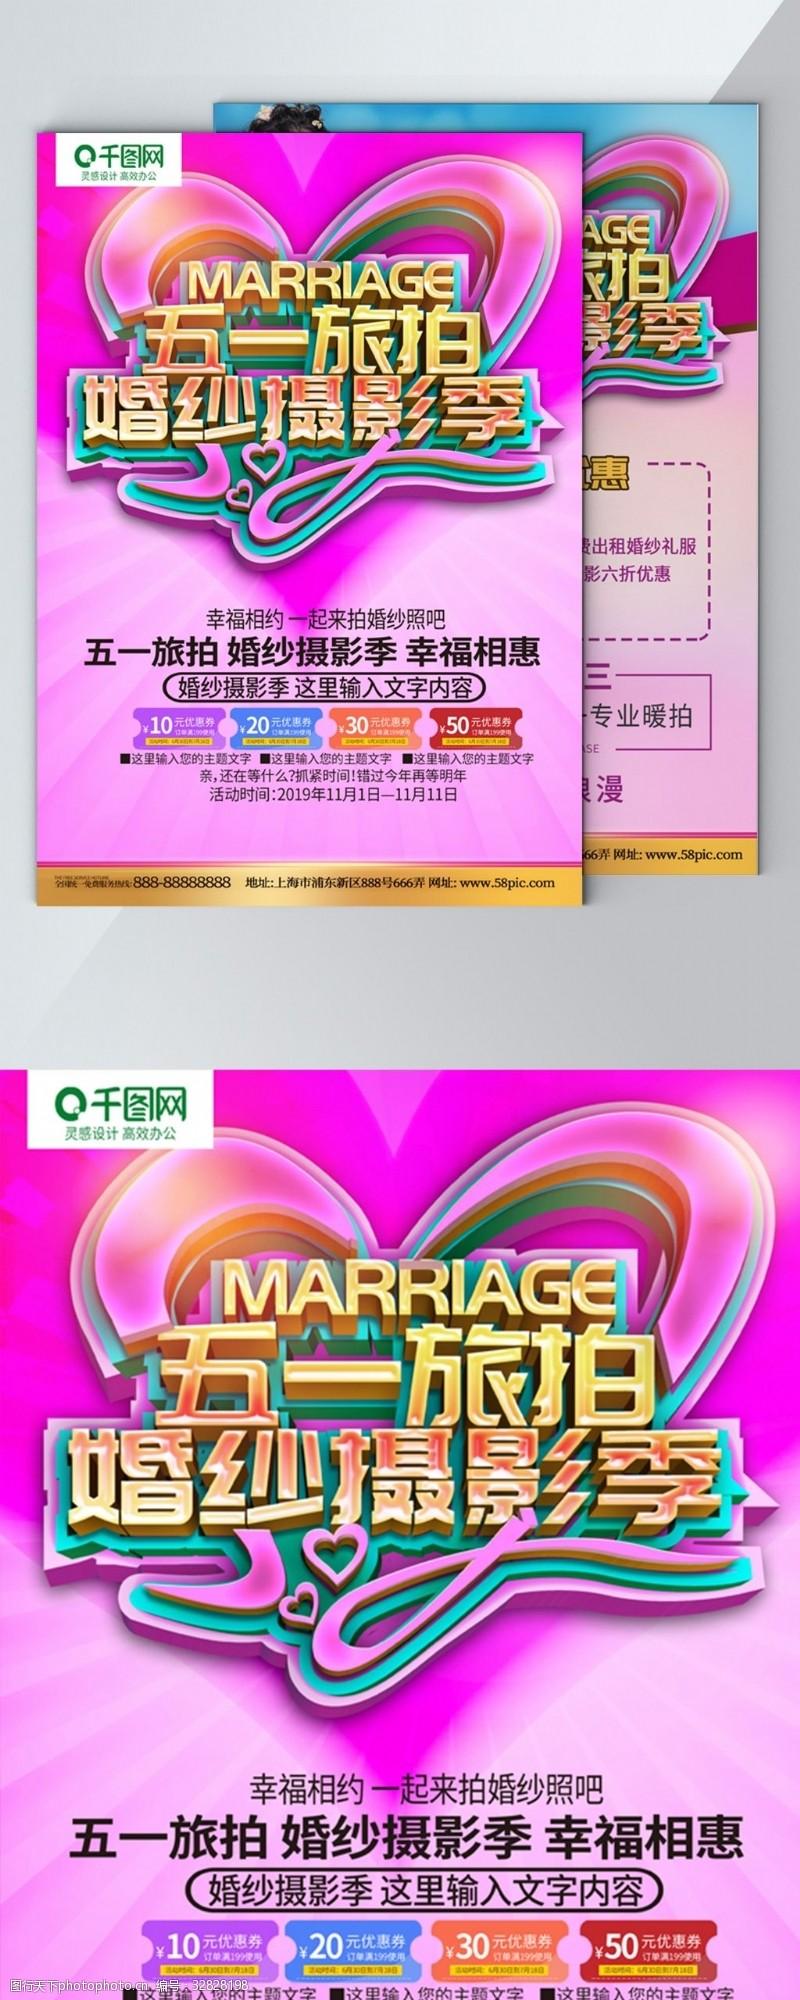 紫色浪漫五一婚纱摄影宣传单